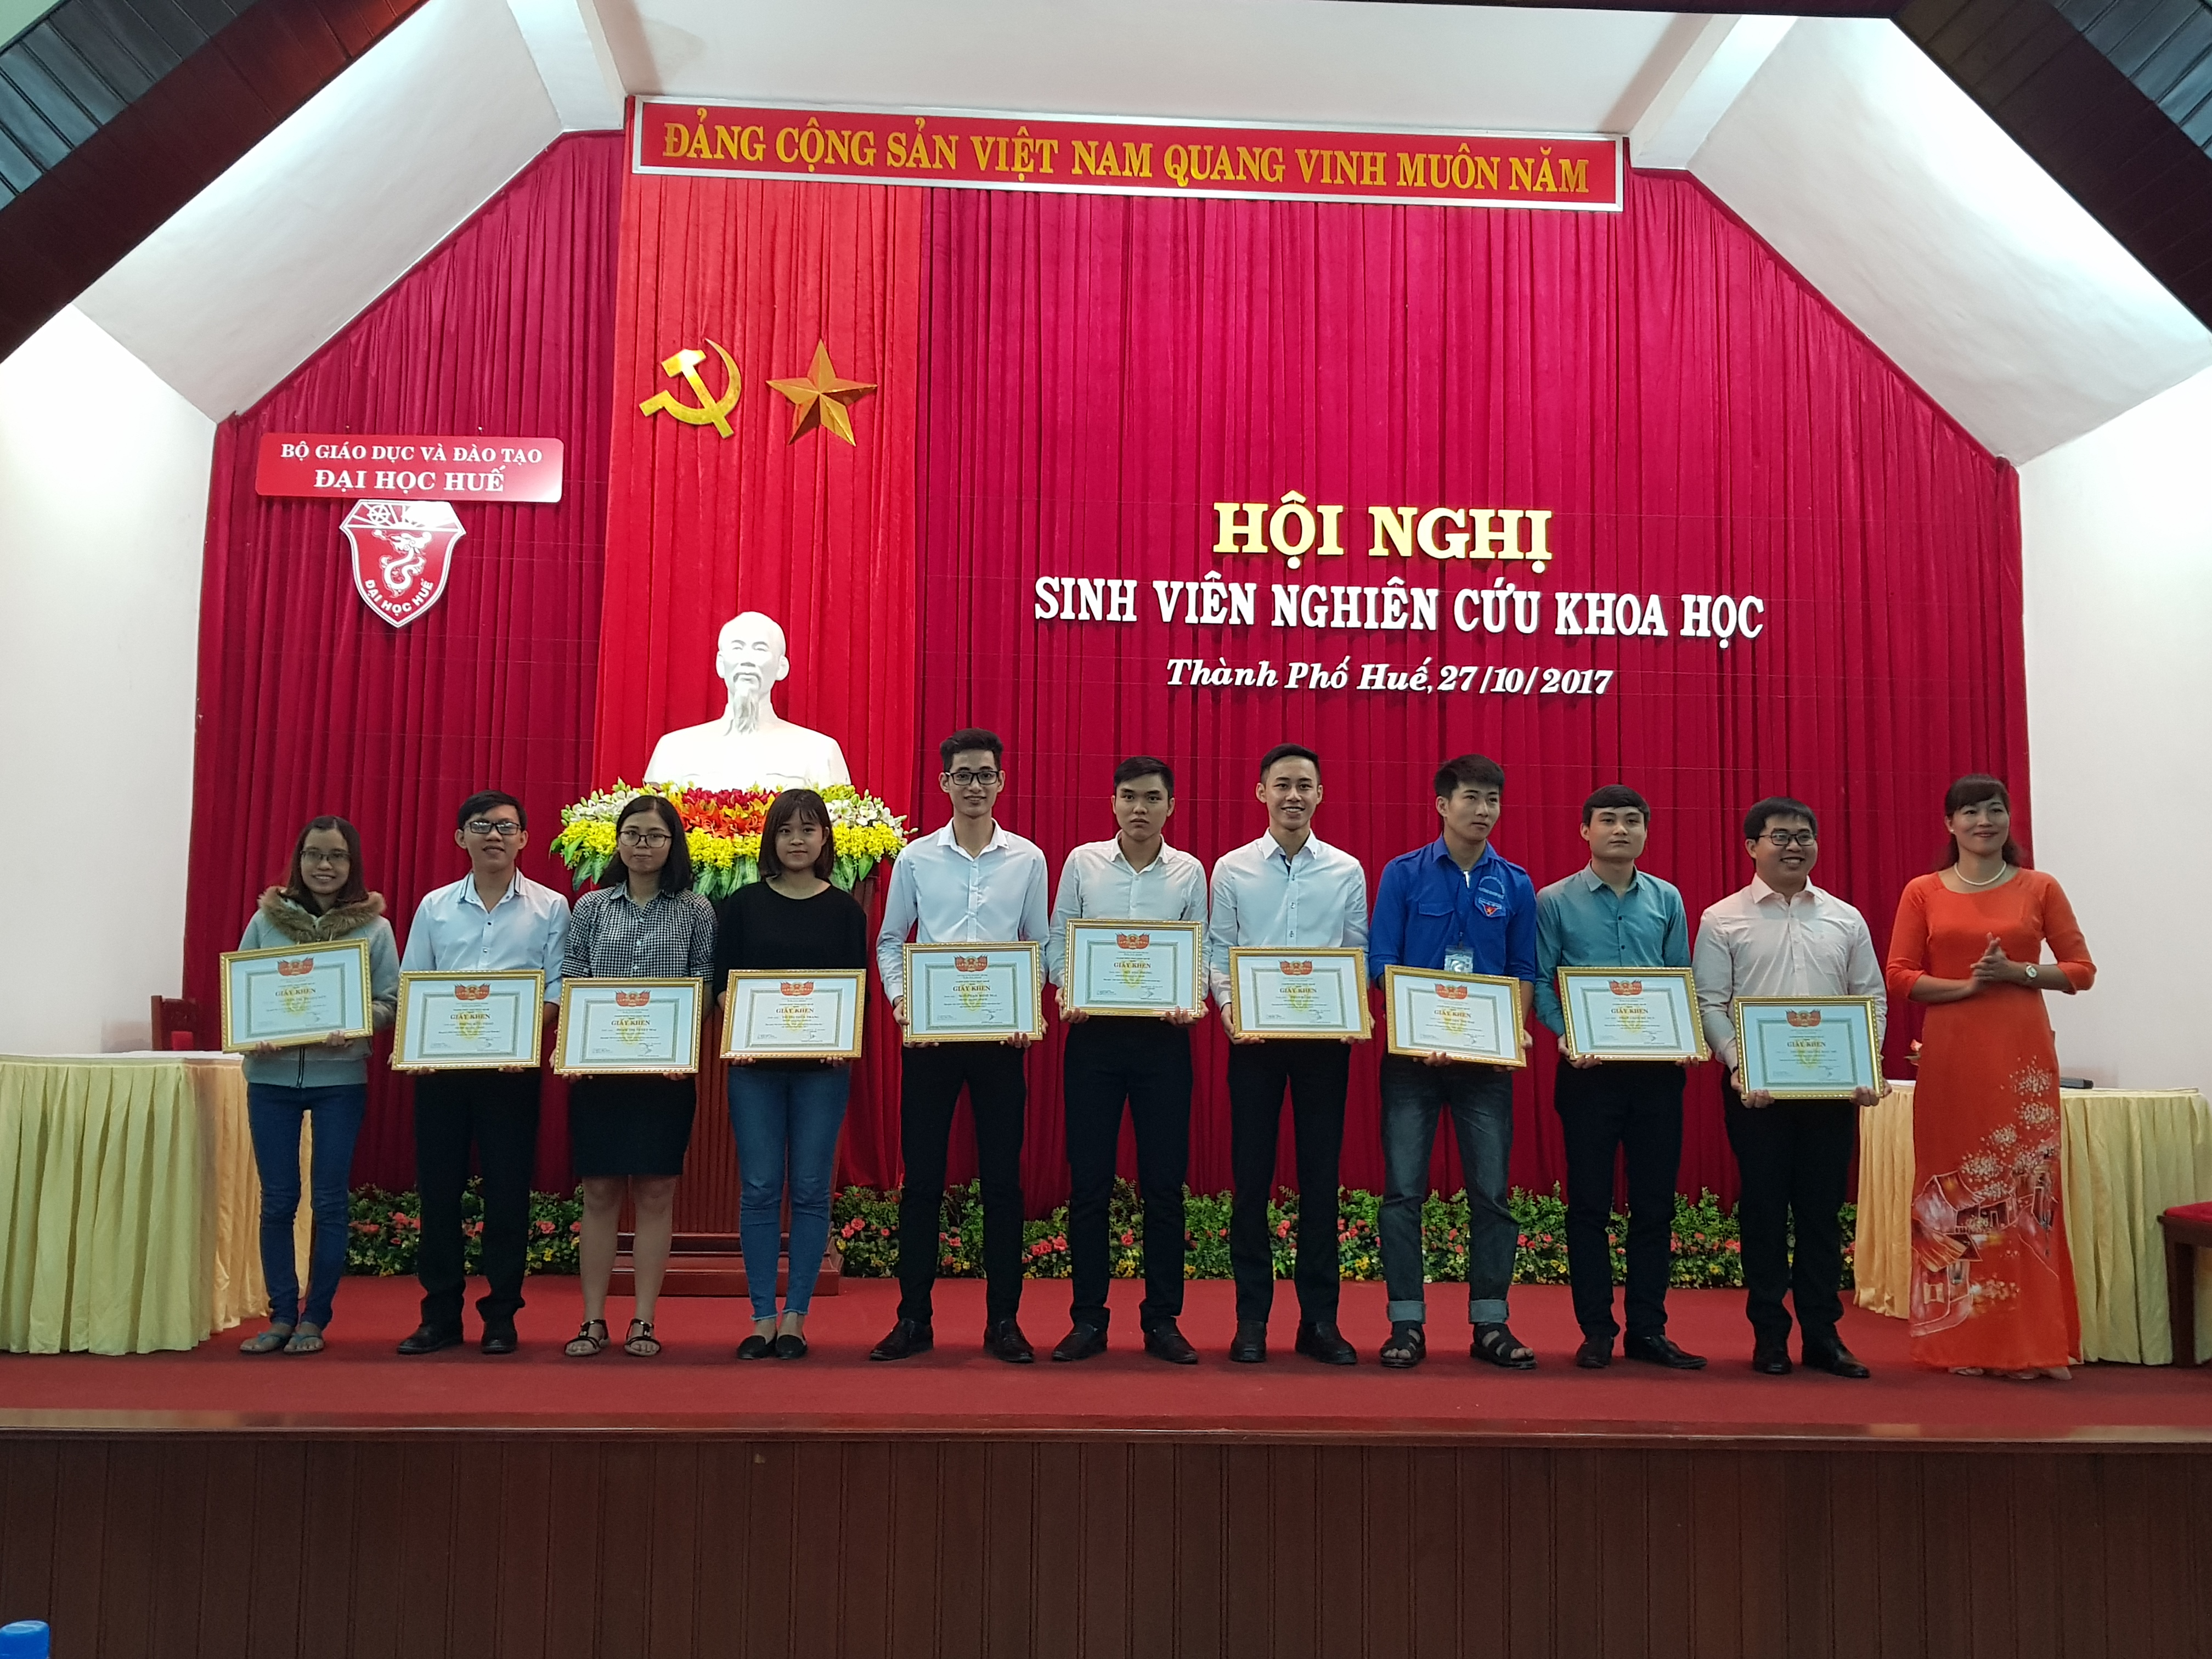 Hội nghị sinh viên nghiên cứu khoa học và khen thưởng sinh viên nghiên cứu khoa học năm 2017